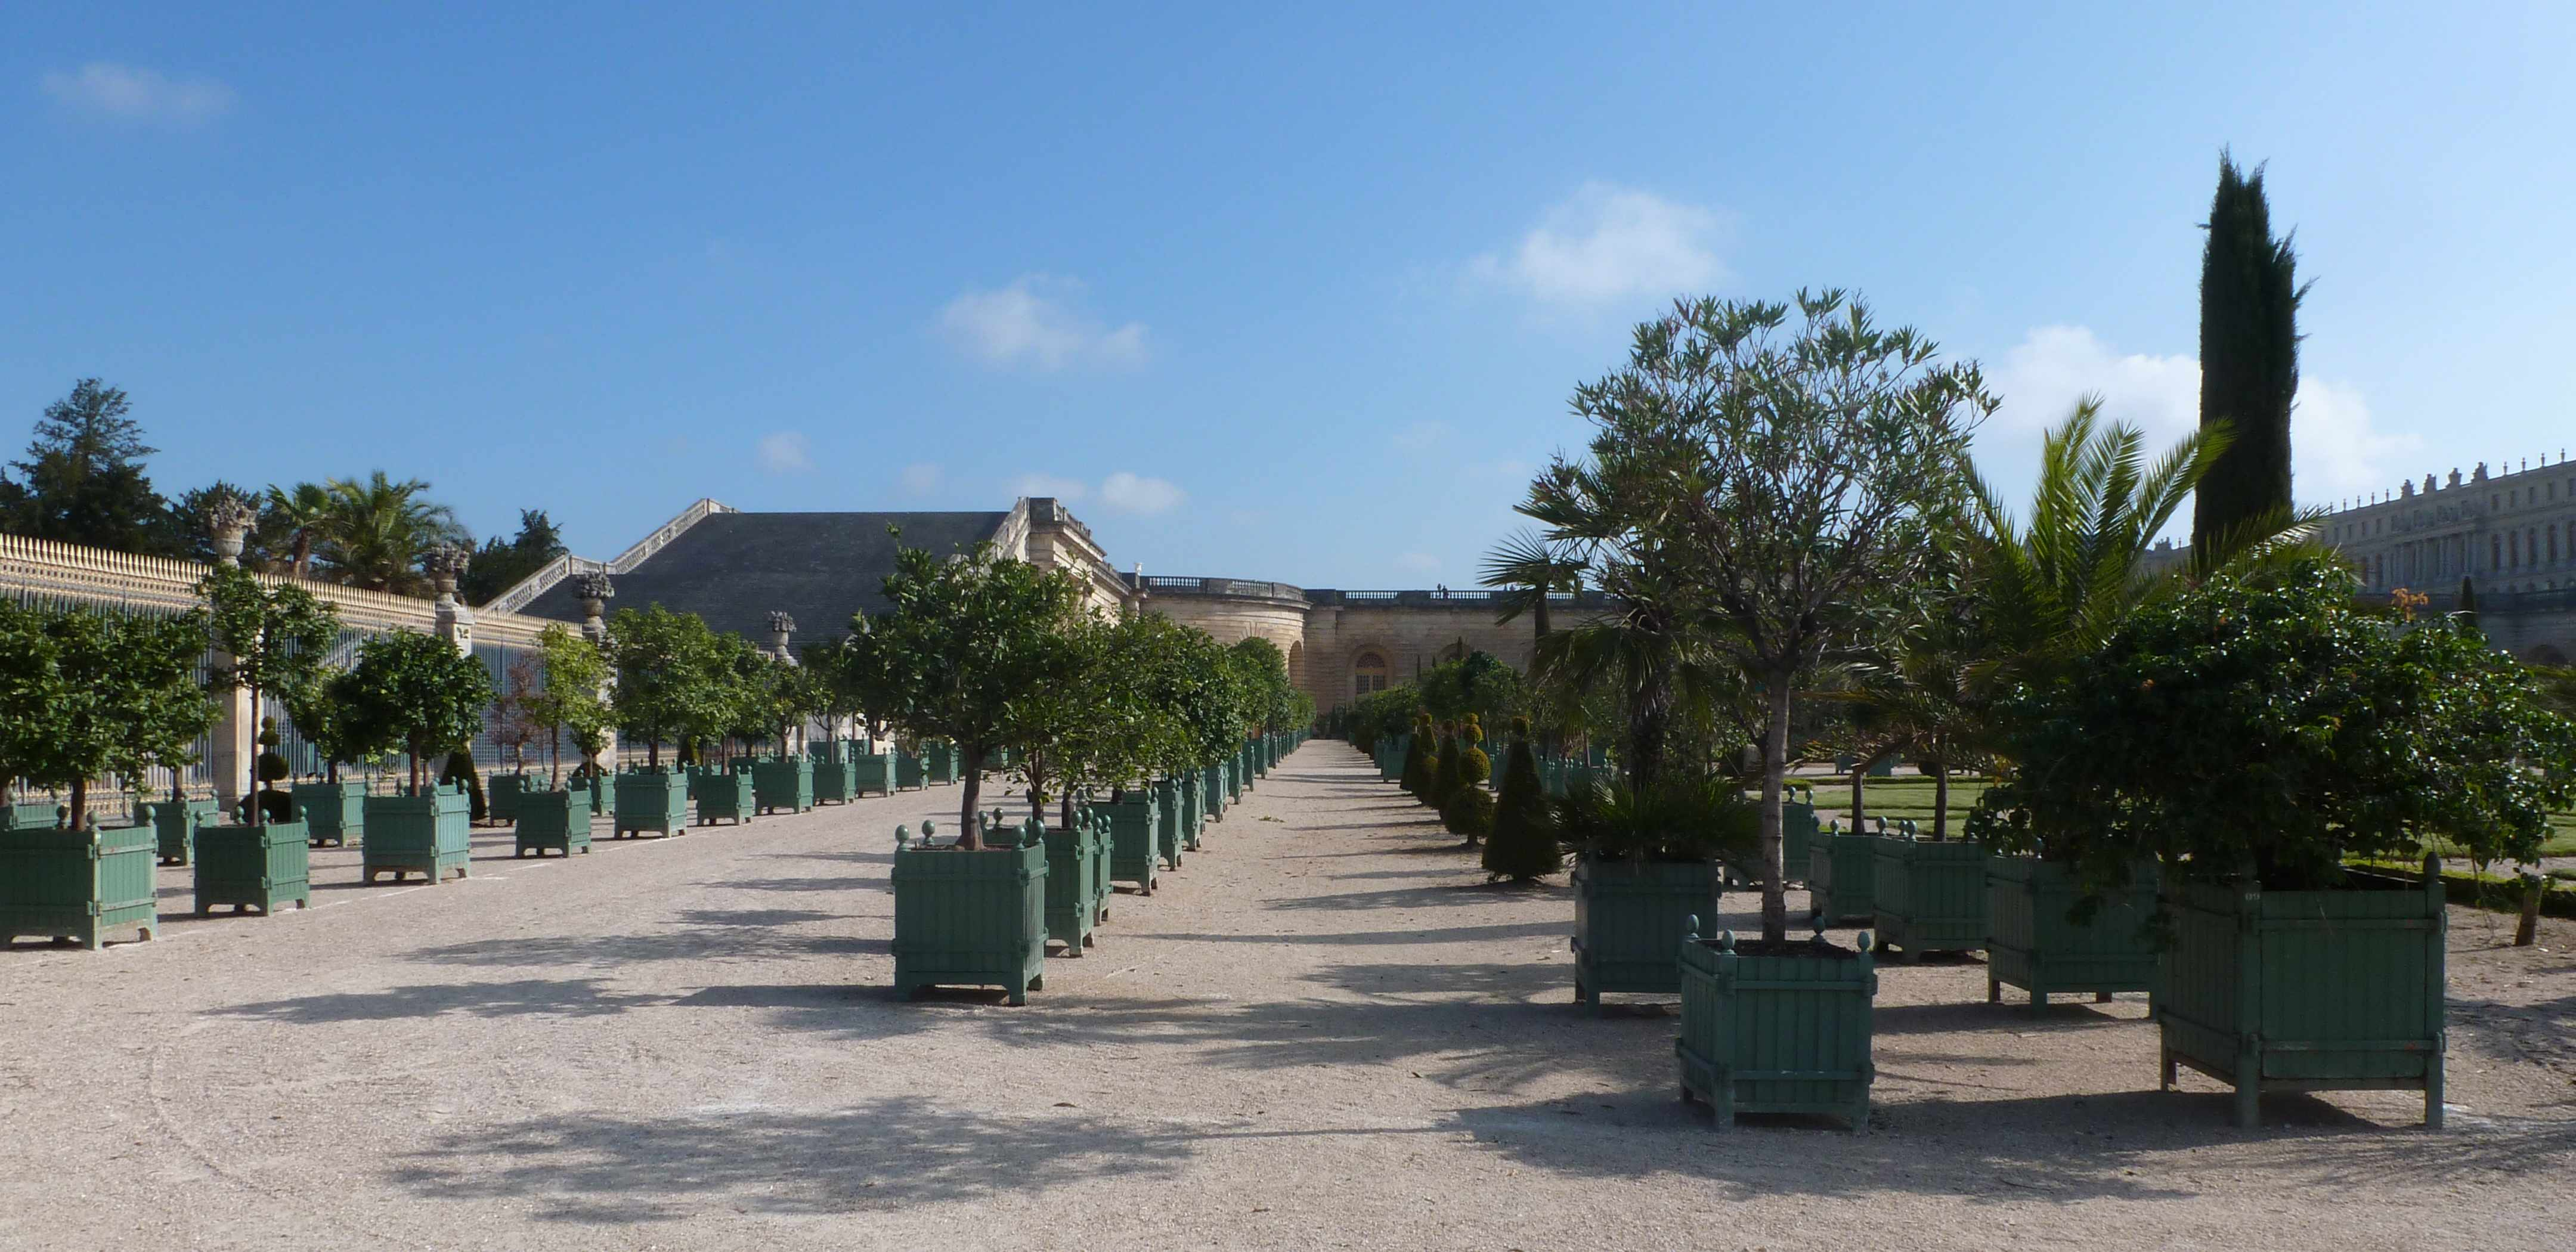 Versailles orangerie alignements 05-2013